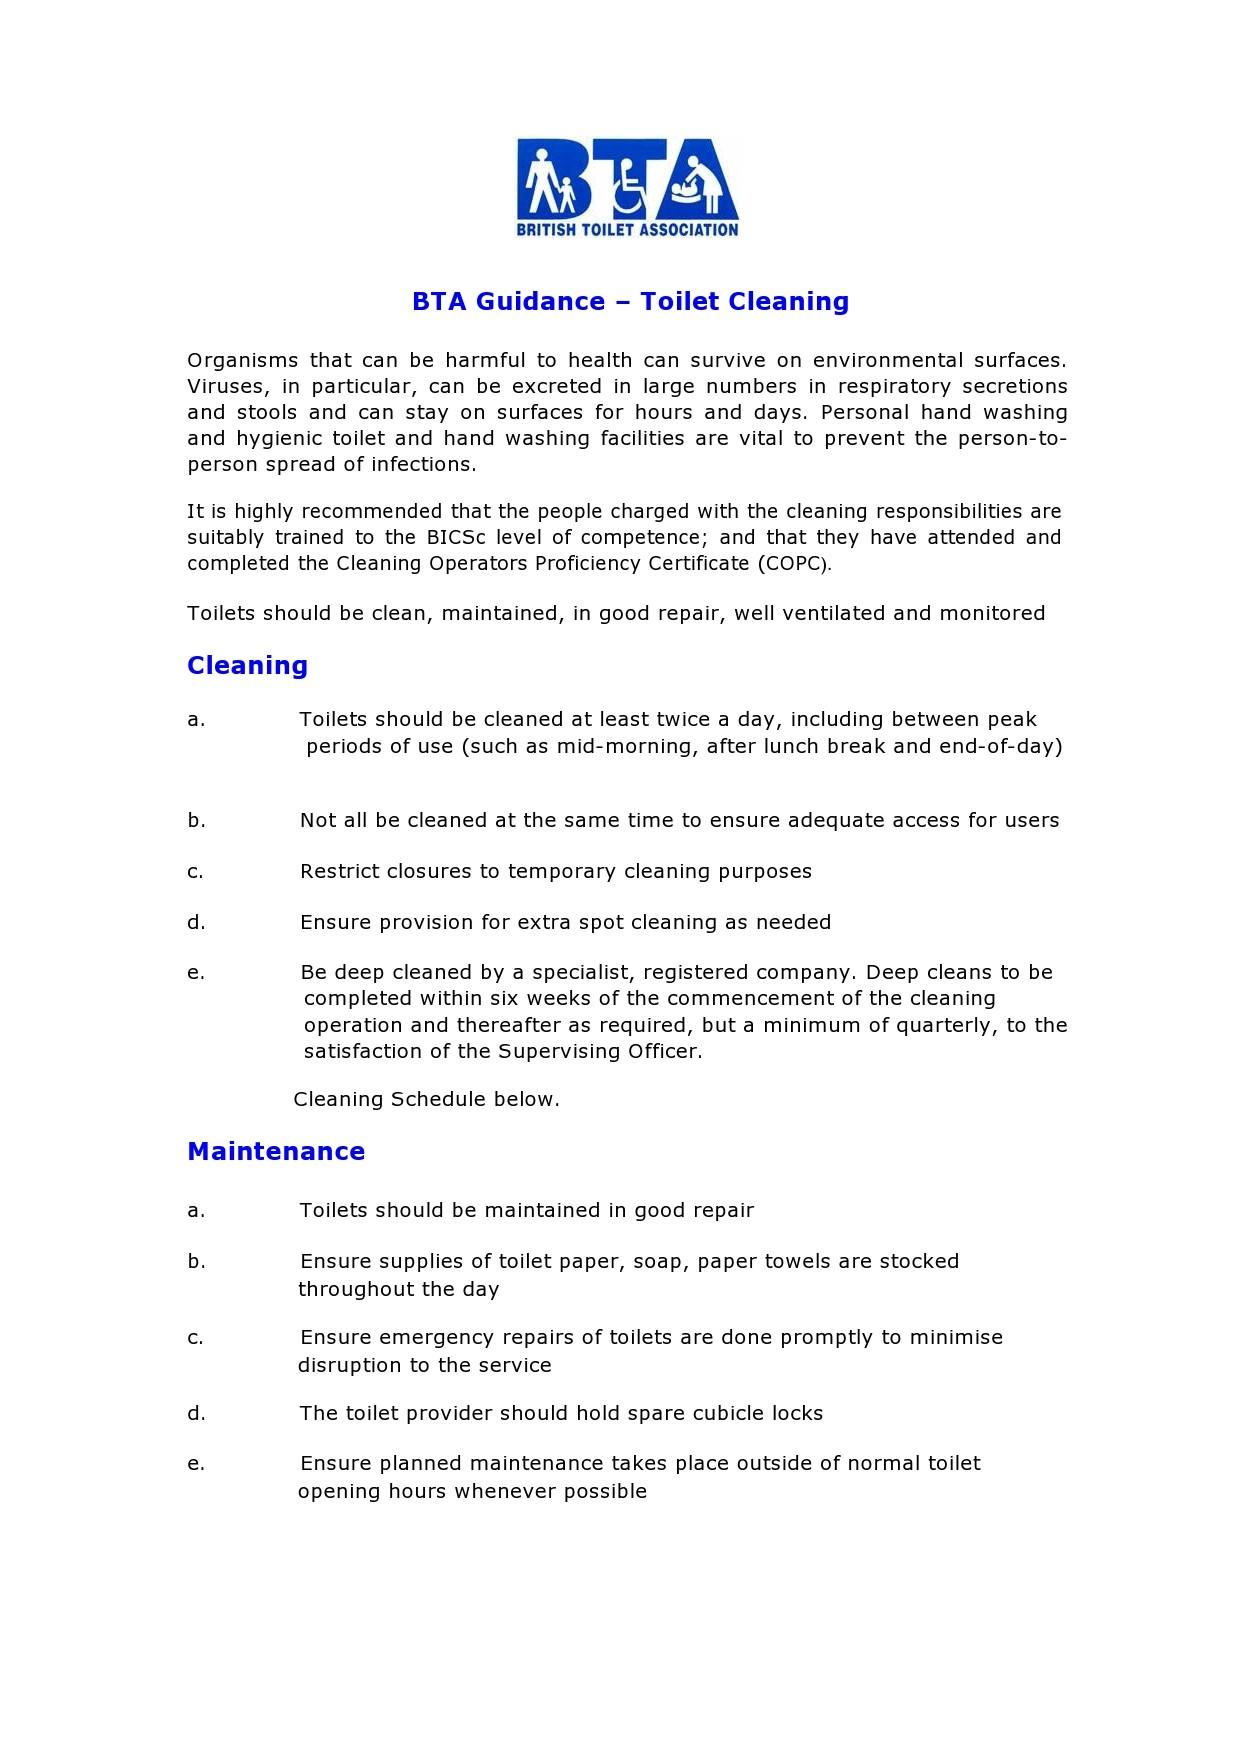 Free bathroom cleaning checklist 47